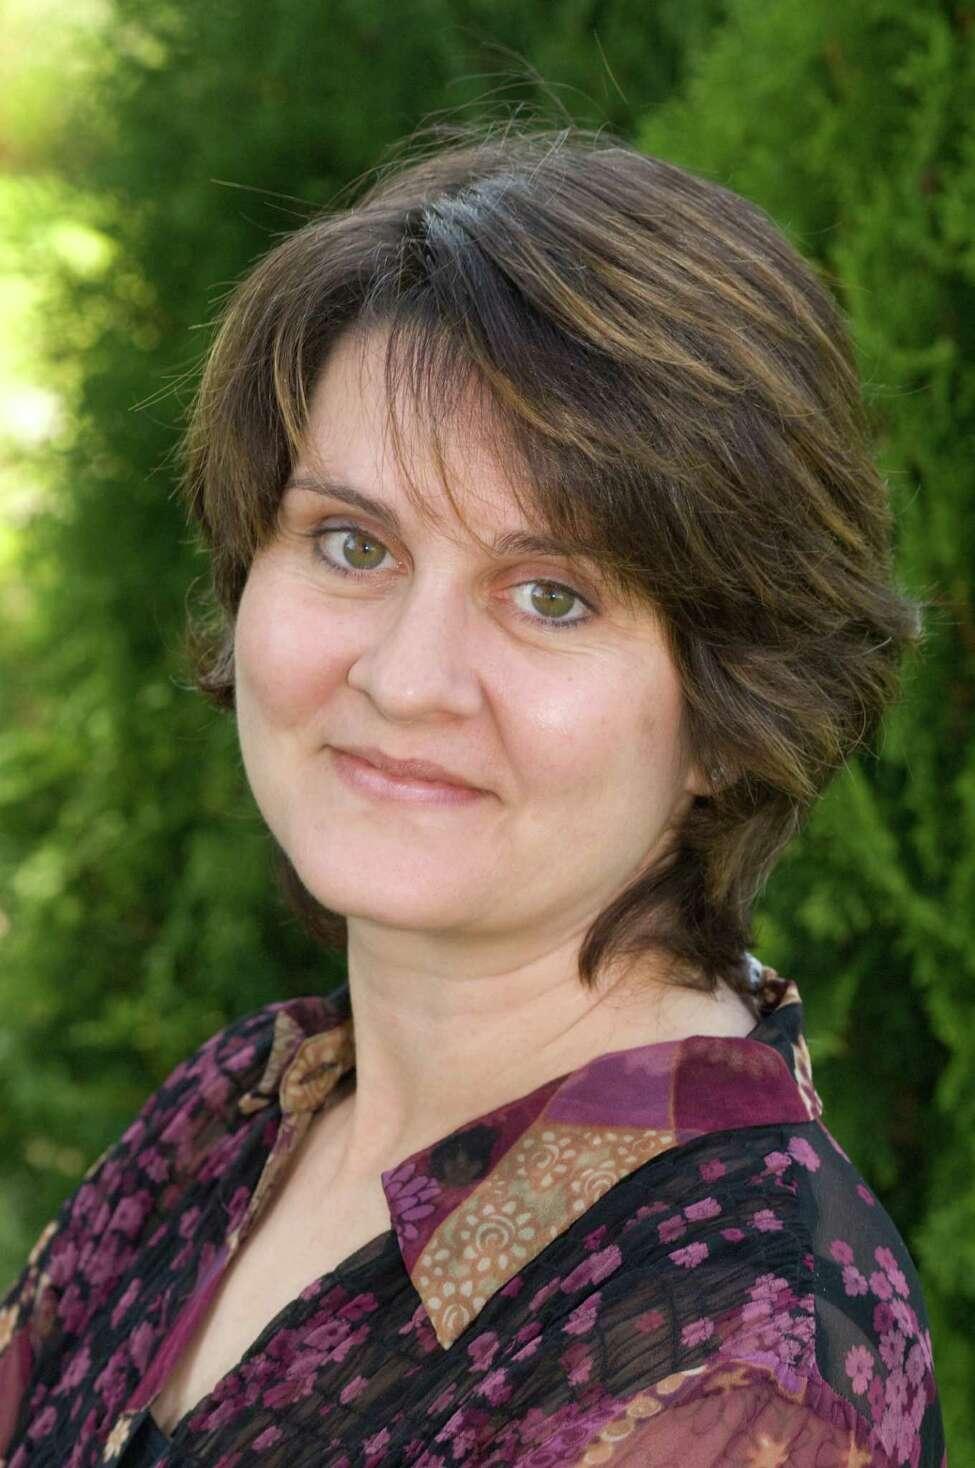 Cathy Gatta (Courtesy of Cathy Gatta)